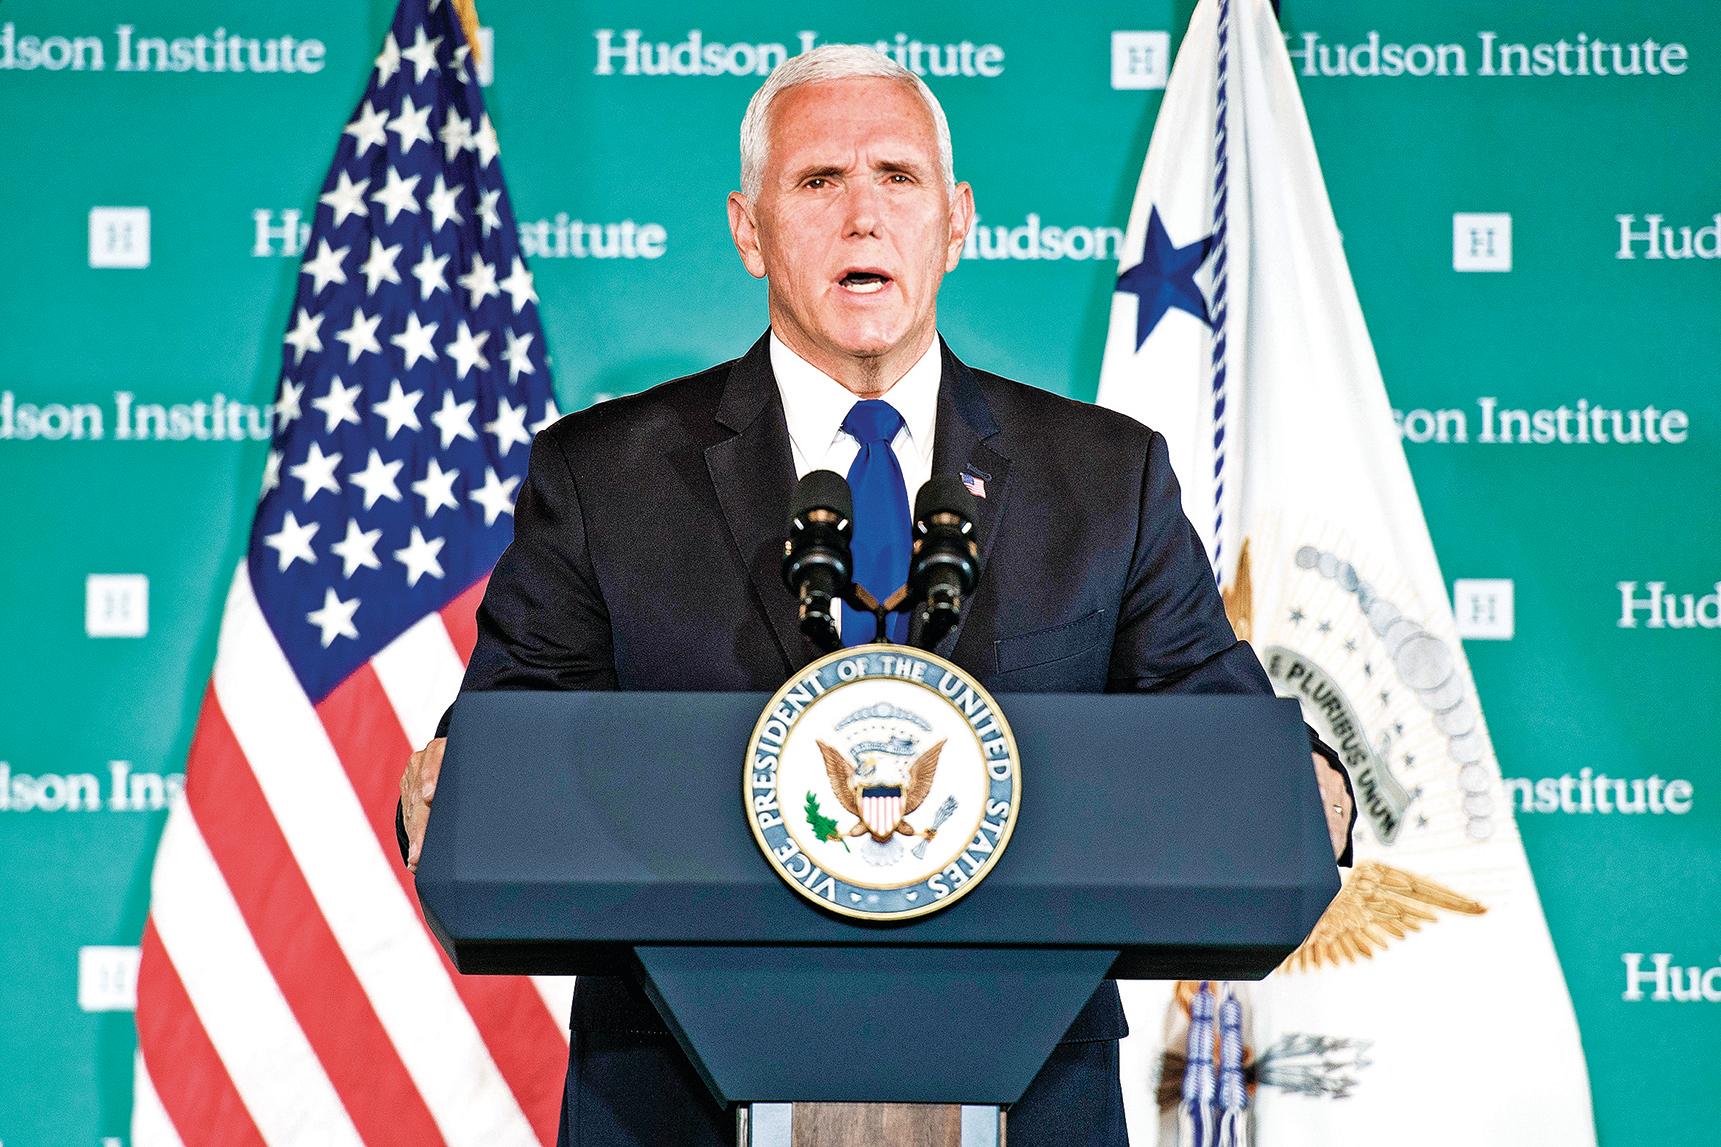 2018年10月4日,美國副總統彭斯在華盛頓智庫哈德遜研究所發表演講,從多方面向中共「開火」(JIM WATSON/AFP/Getty Images)